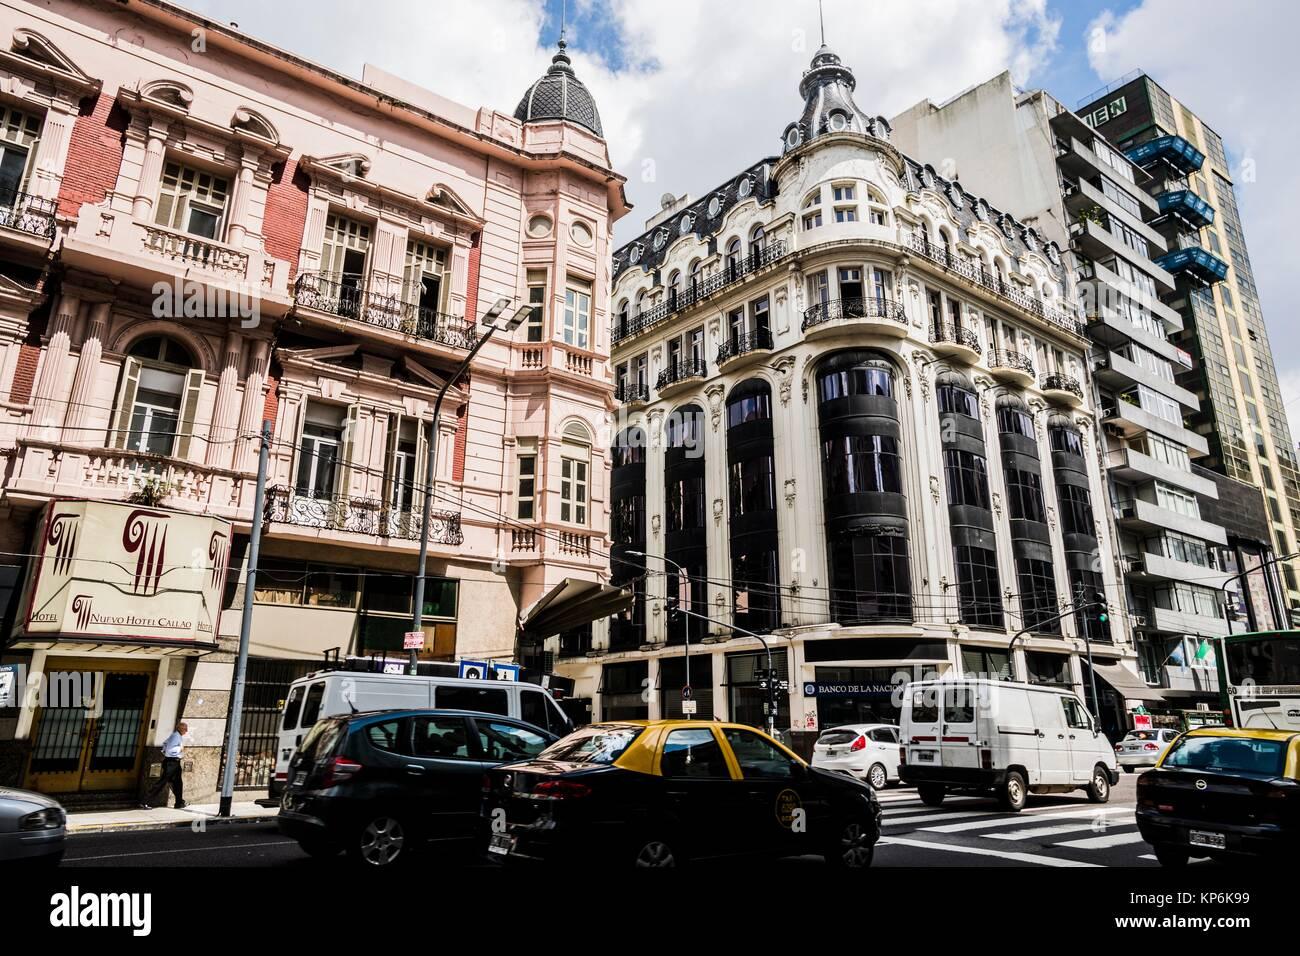 Avenida Callao, downtown (El Centro), Buenos Aires, Argentina, South America. Stock Photo